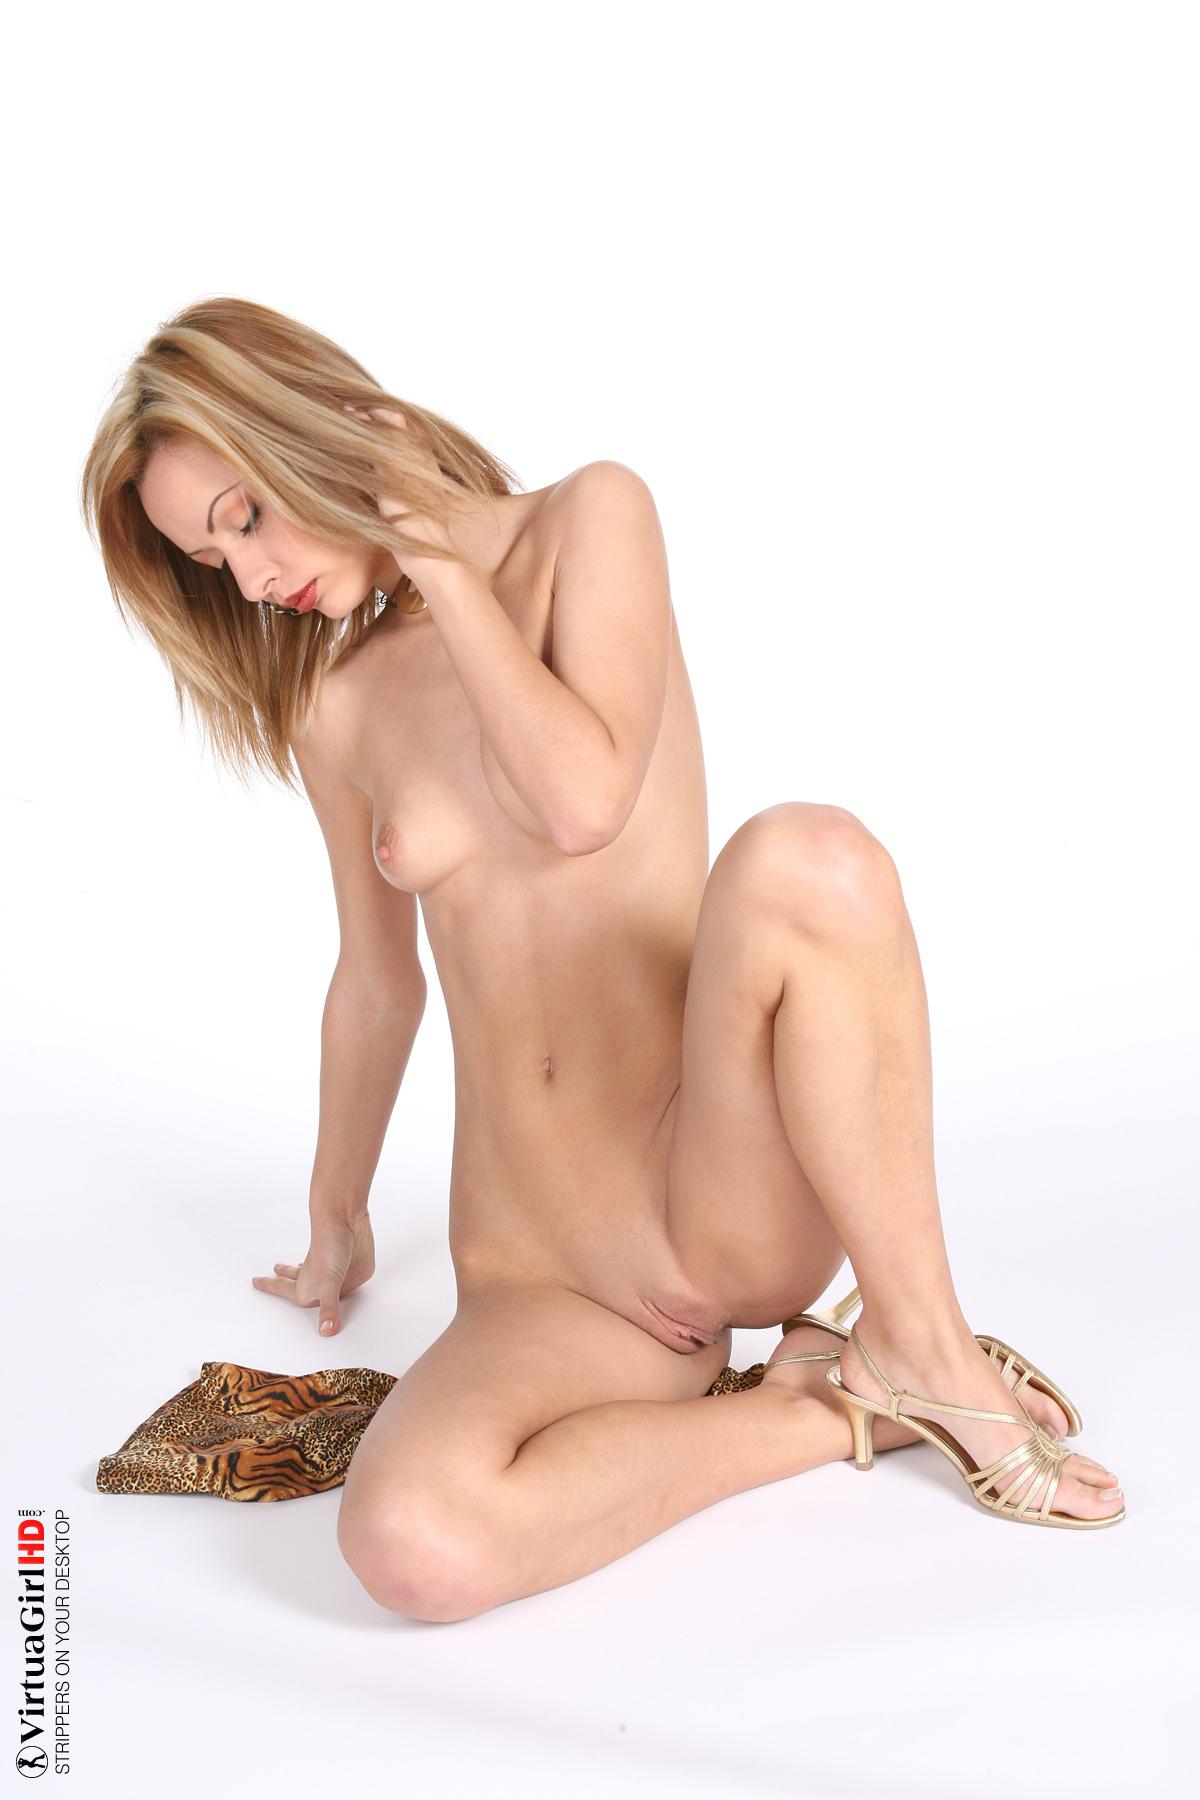 http://gallery.virtuagirlhd.com/a0368/full/VGI0513P040167.jpg